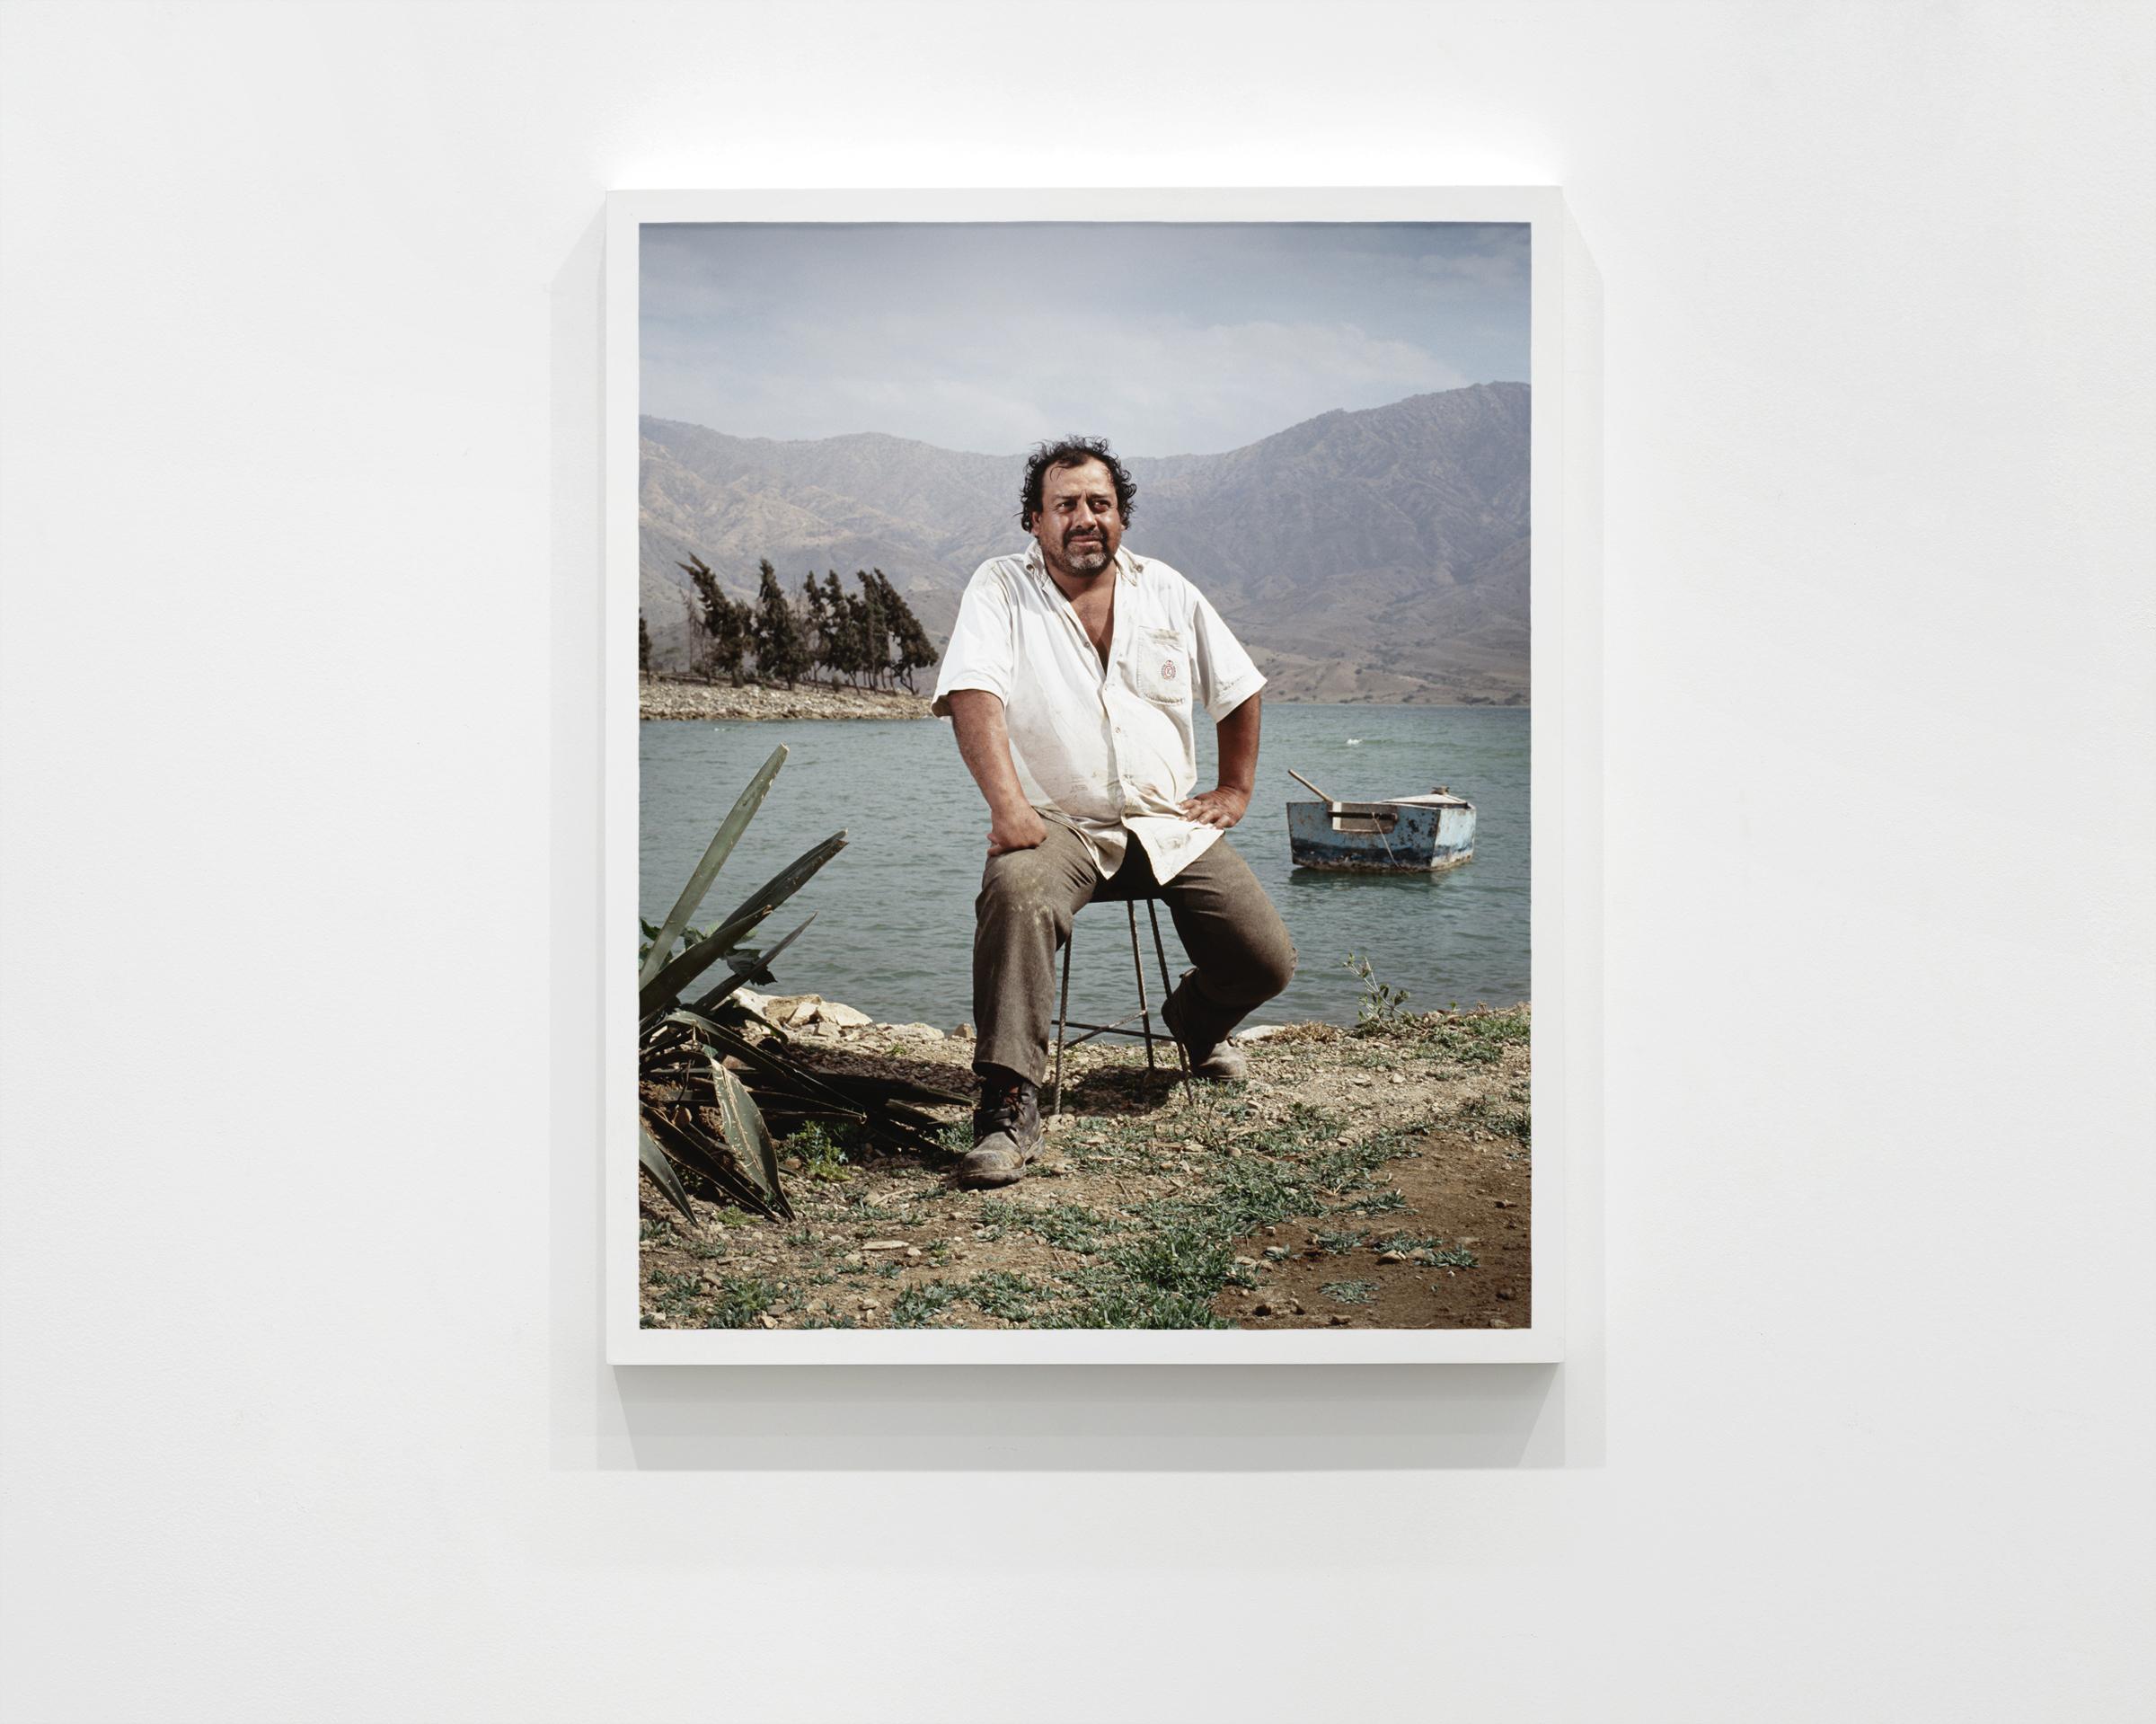 """""""Juan"""", 2008  30 x 24 in (76.2 x 60.96 cm)"""